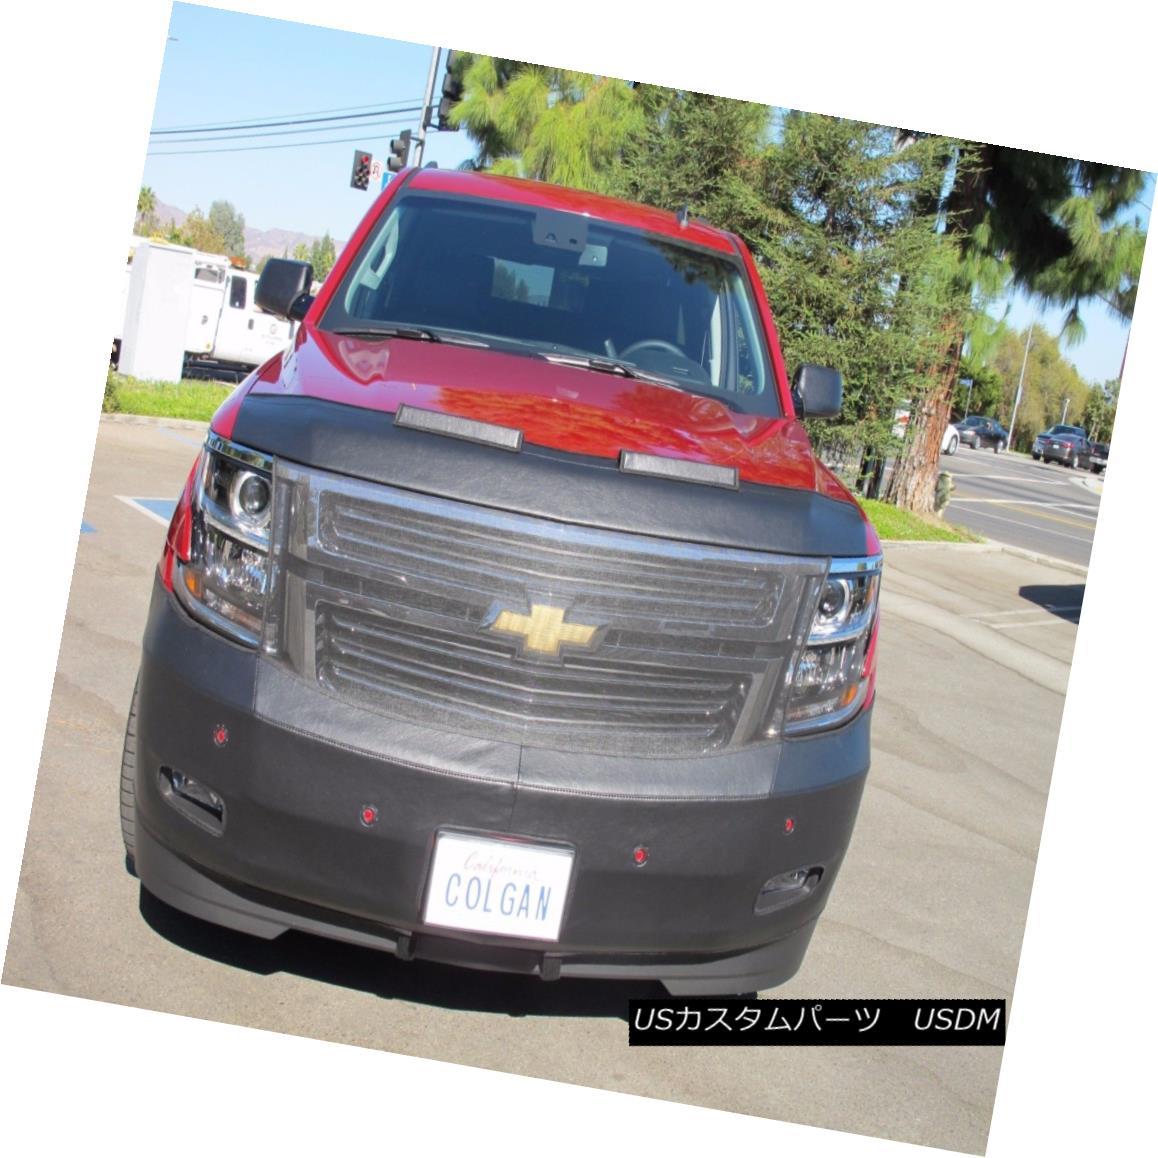 / End Sensors Chevy Fits Mask コルガンフロントエンドマスクブラ2pc Tahoe フルブラ W/License 2pc. Chevy Tahoe 2015-2016 W/O ノーズブラ W Bra Colgan 2015-2016 /ライセンスW Oセンサーに適合 Front